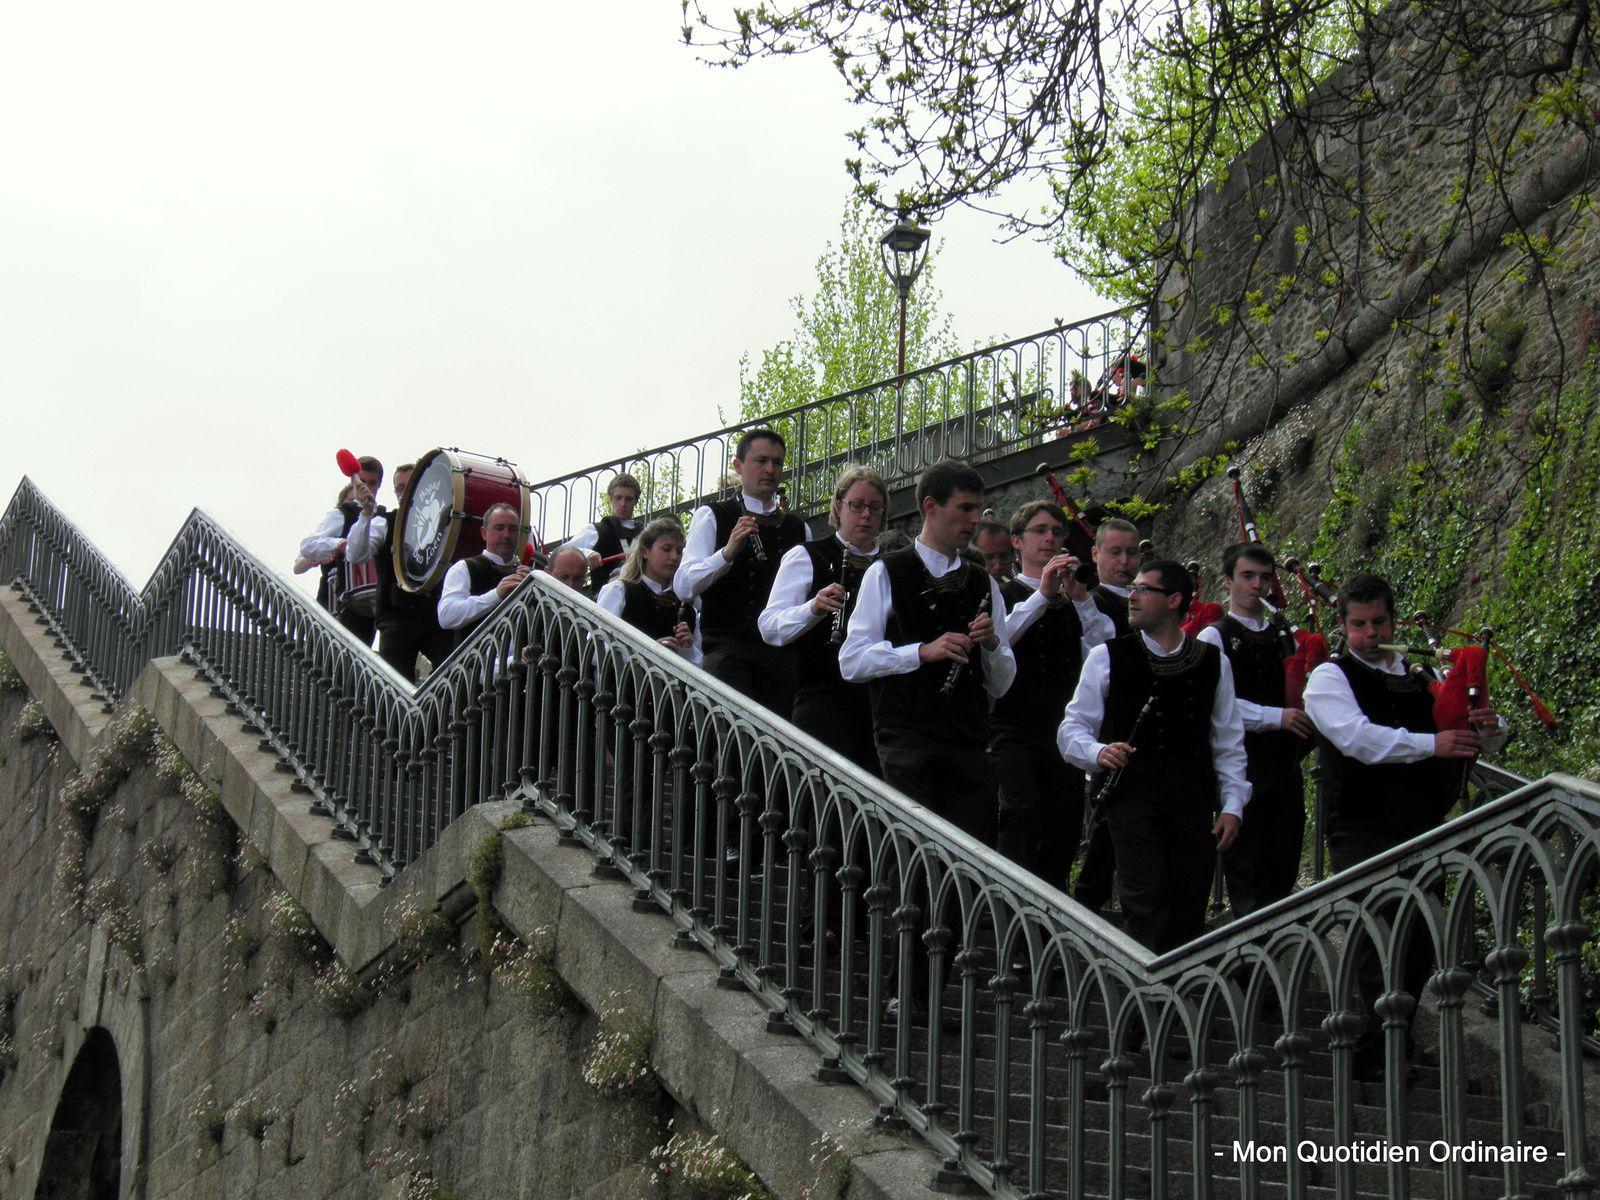 Le Printemps des Sonneurs à Brest